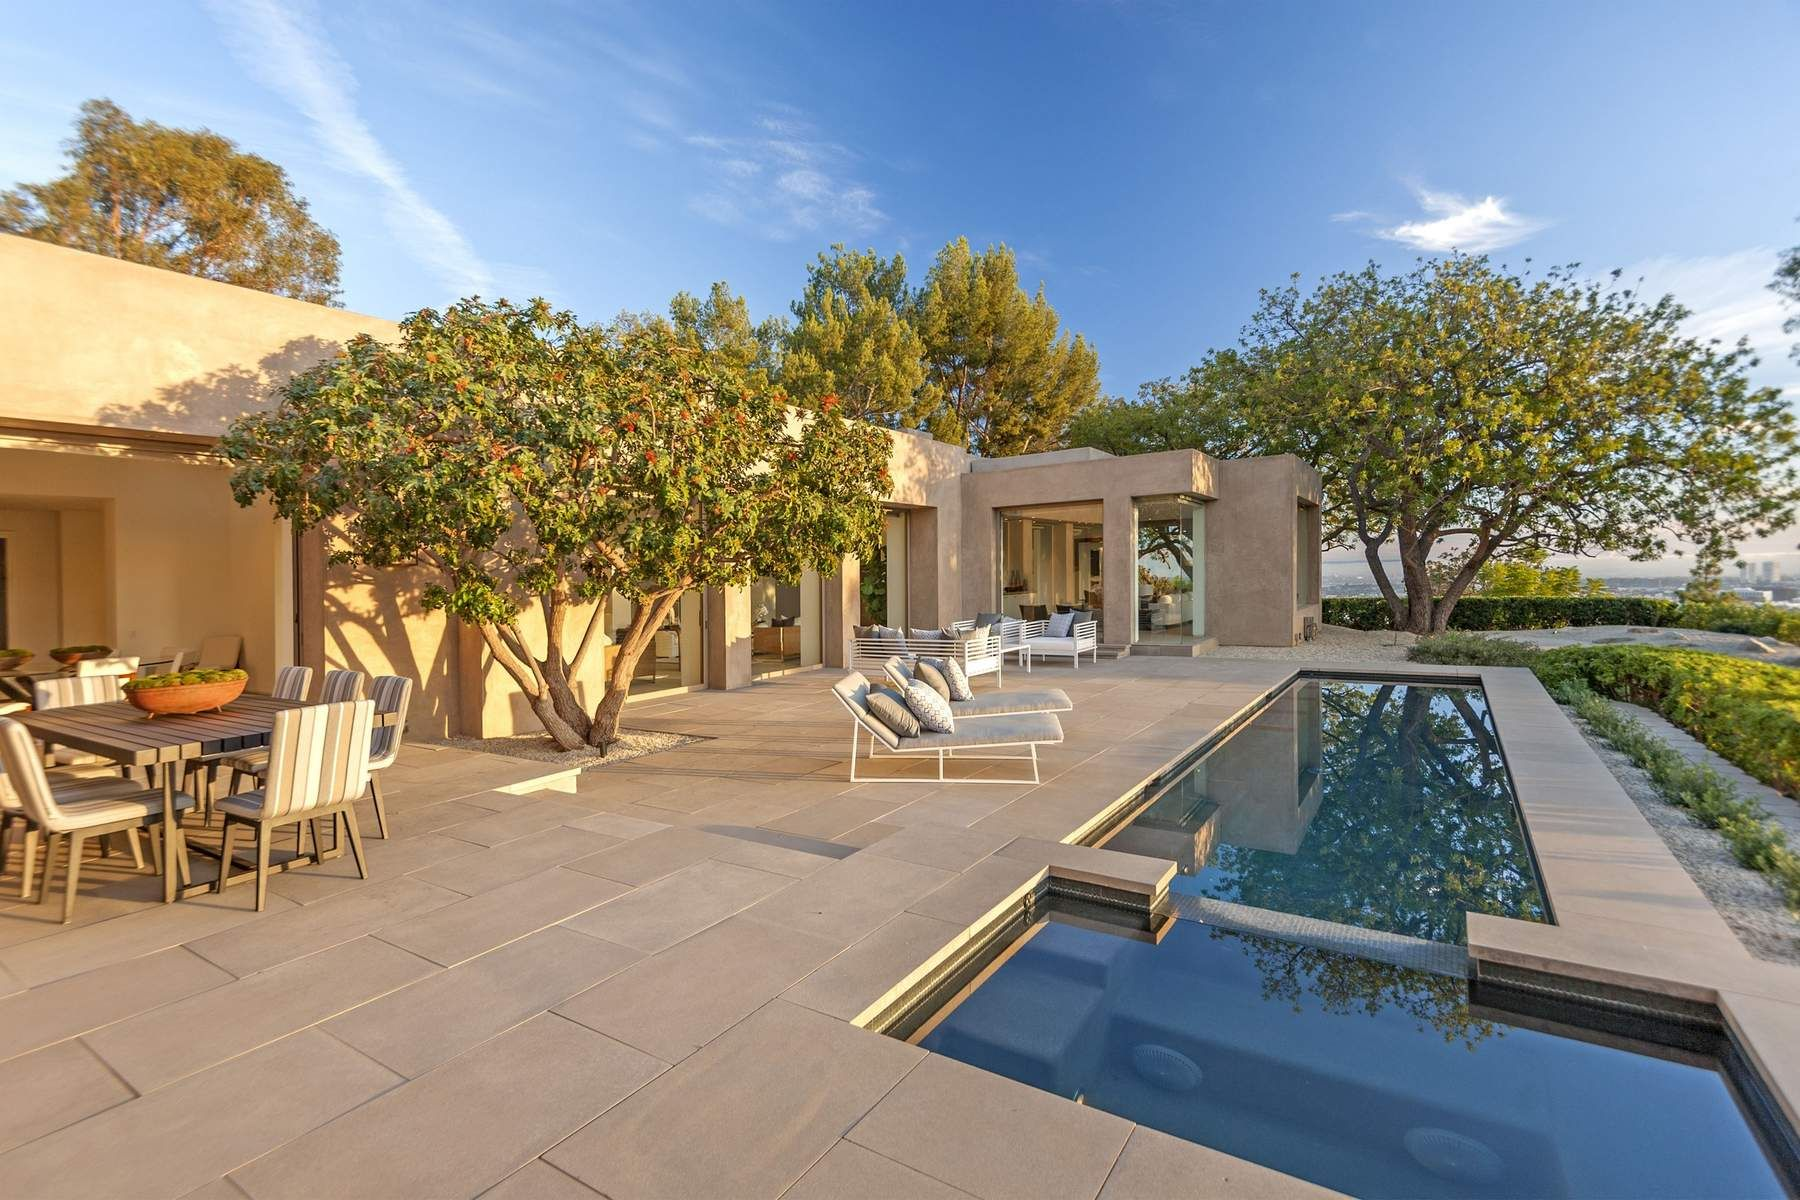 Propiedad en alquiler Beverly Hills